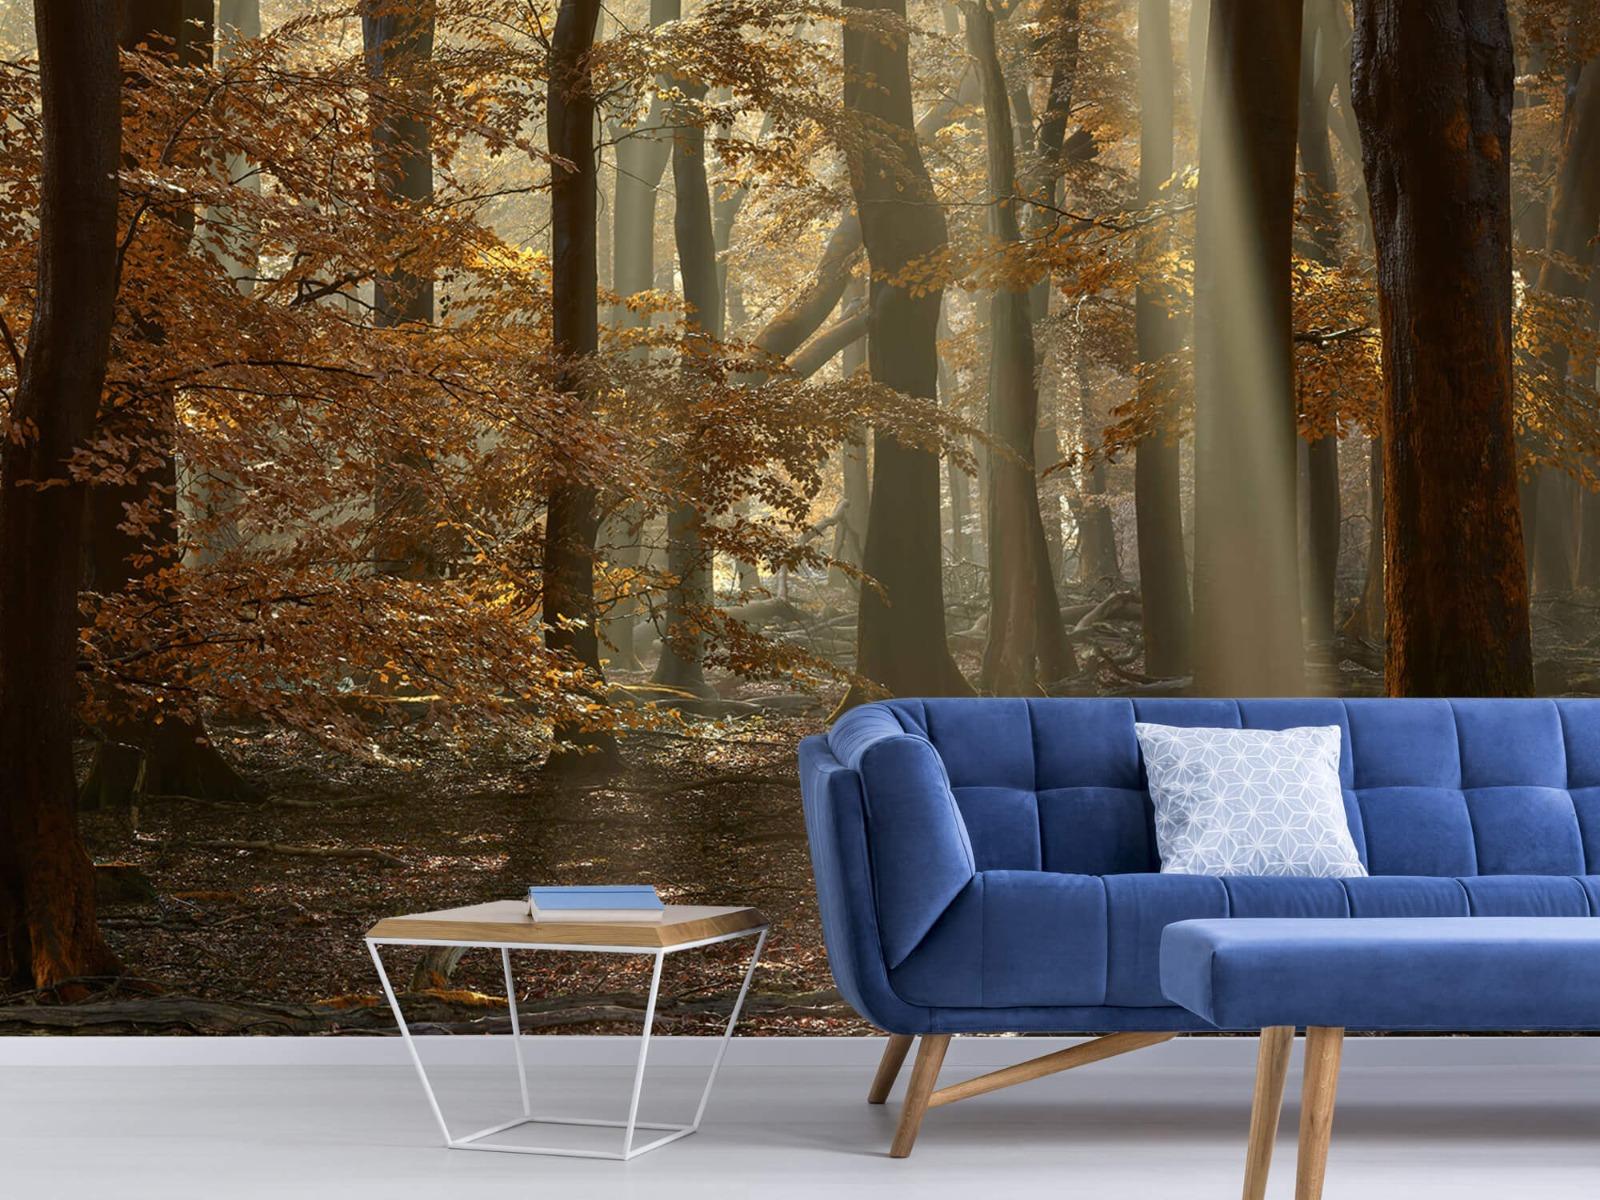 Bos behang - Herfstkleuren in het bos - Slaapkamer 8